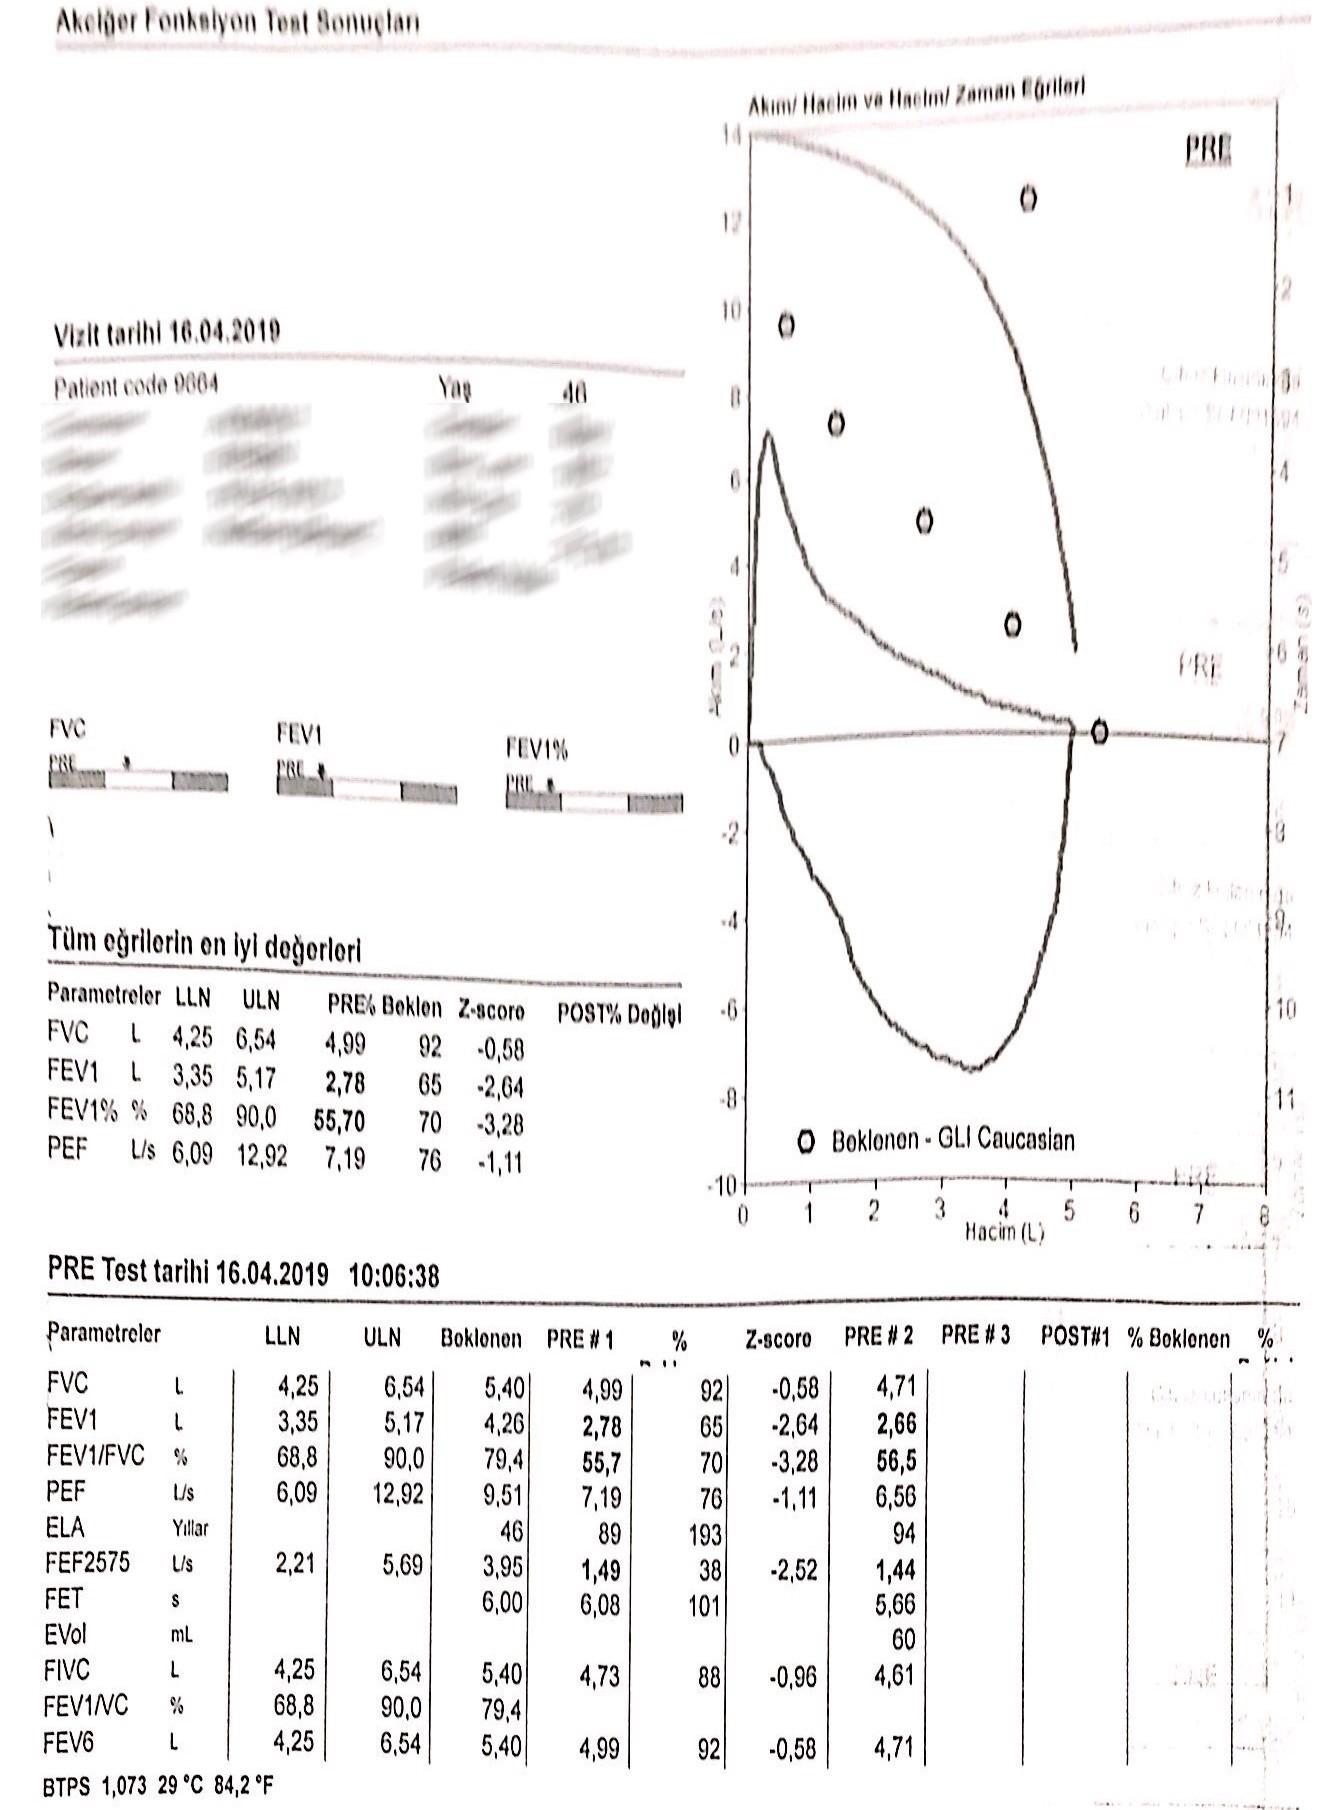 al6anz - SFT sonucuma göre yüzde kaç oran alabilirim?